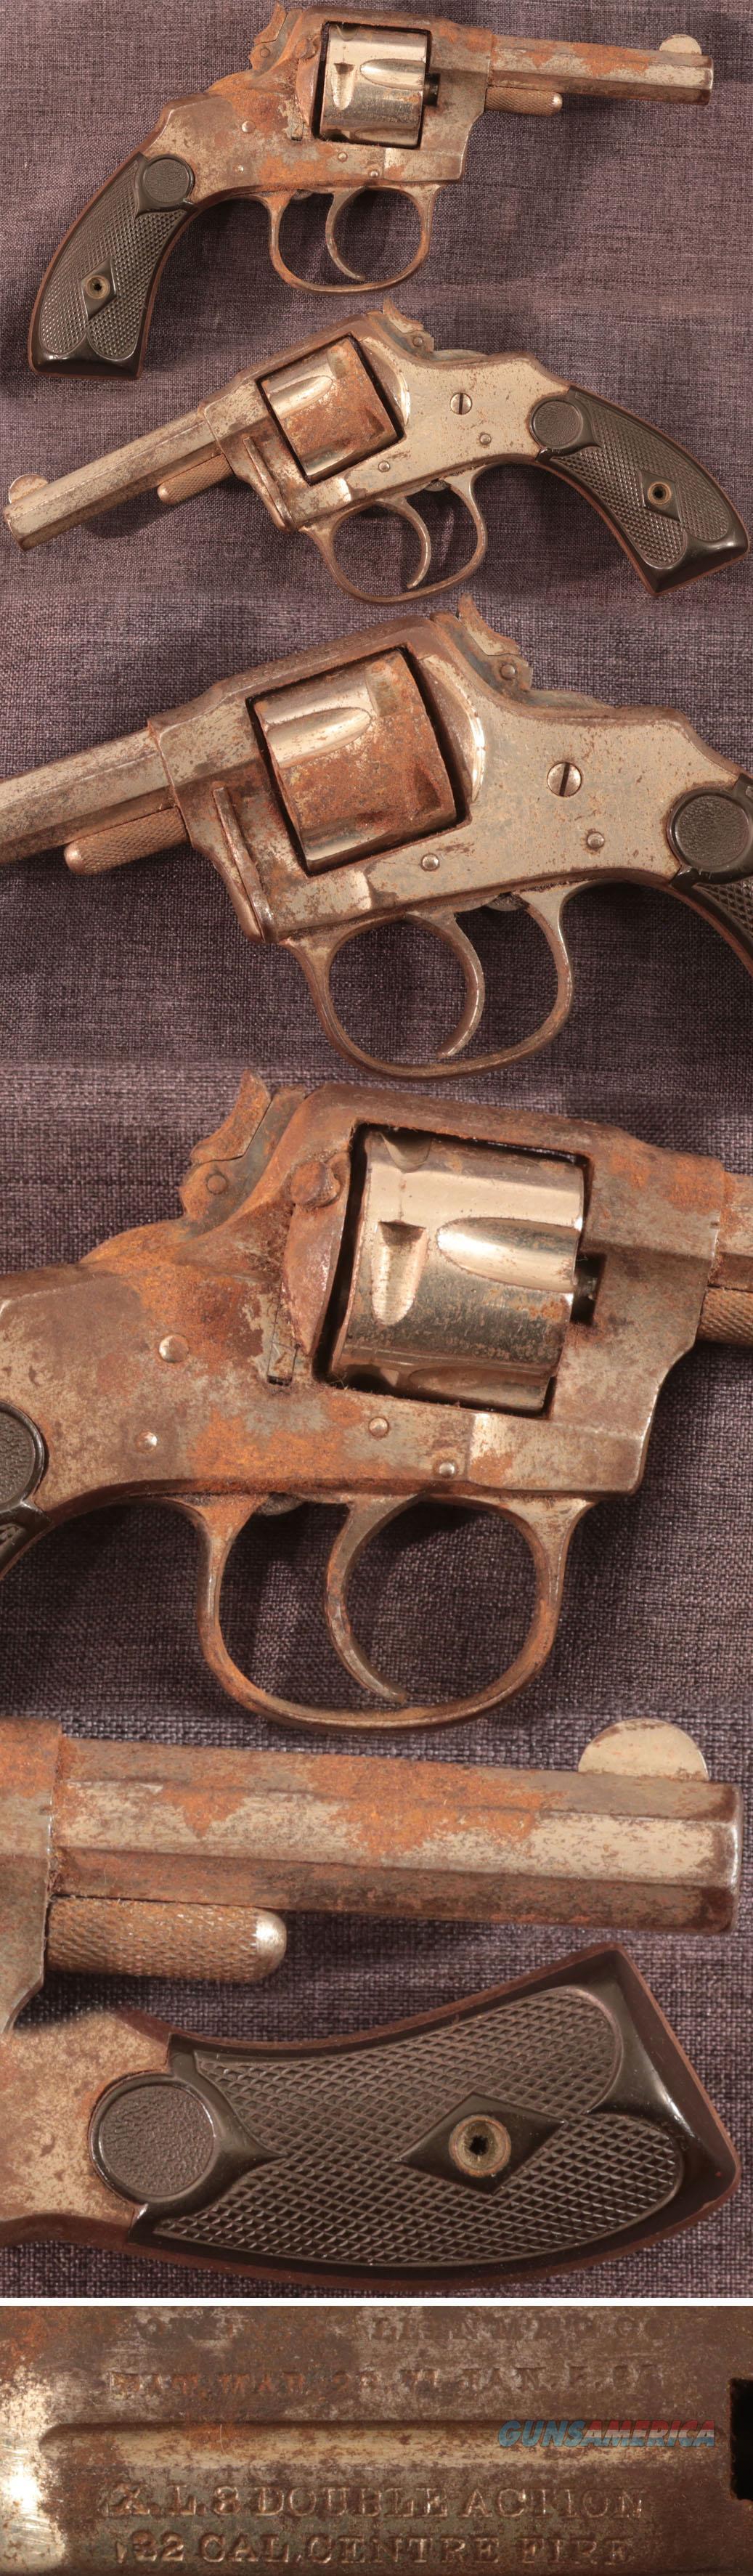 """antique Hopkins & Allen """"XL 3 Double Action 32 Centre Fire"""" revolver  Guns > Pistols > Hopkins & Allen Pistols"""